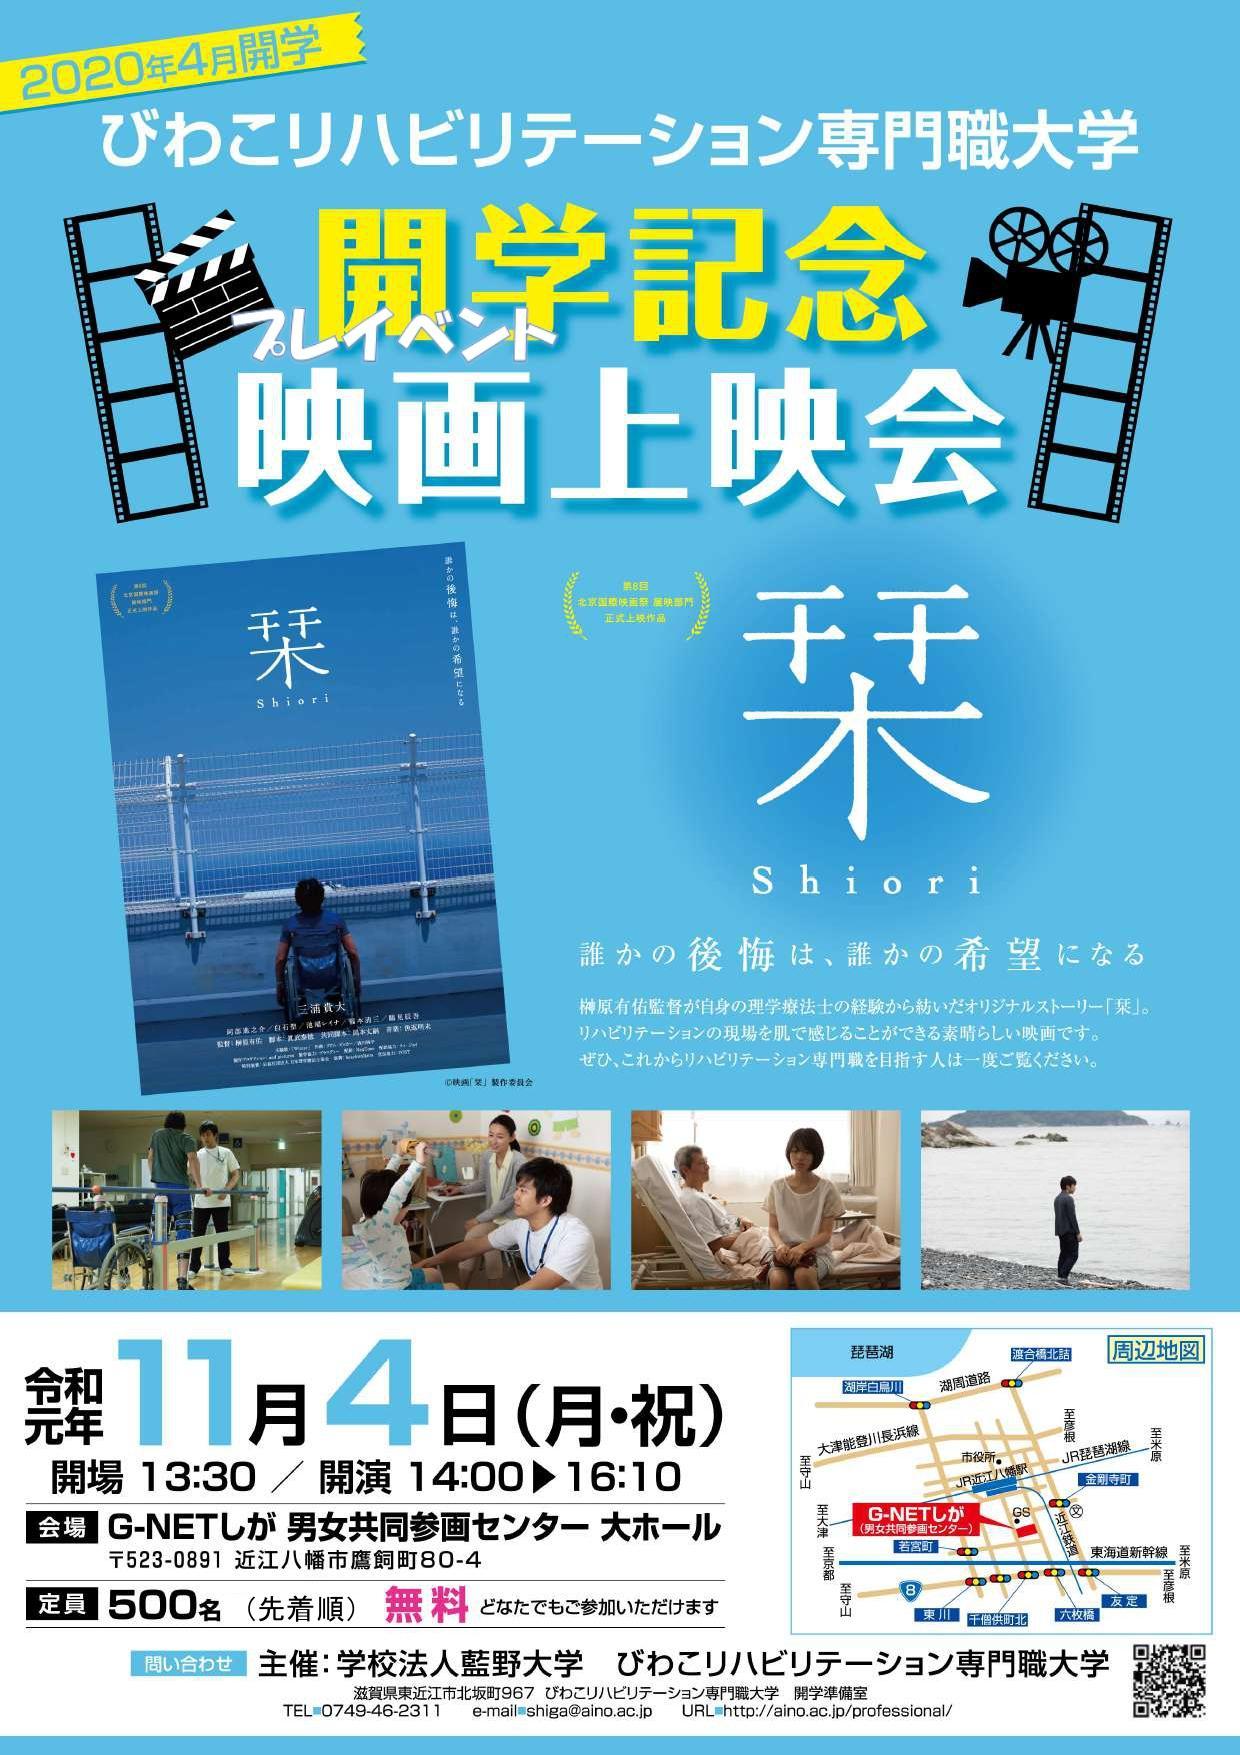 びわこリハビリテーション専門職大学開学記念プレイベント 映画『栞』上映会